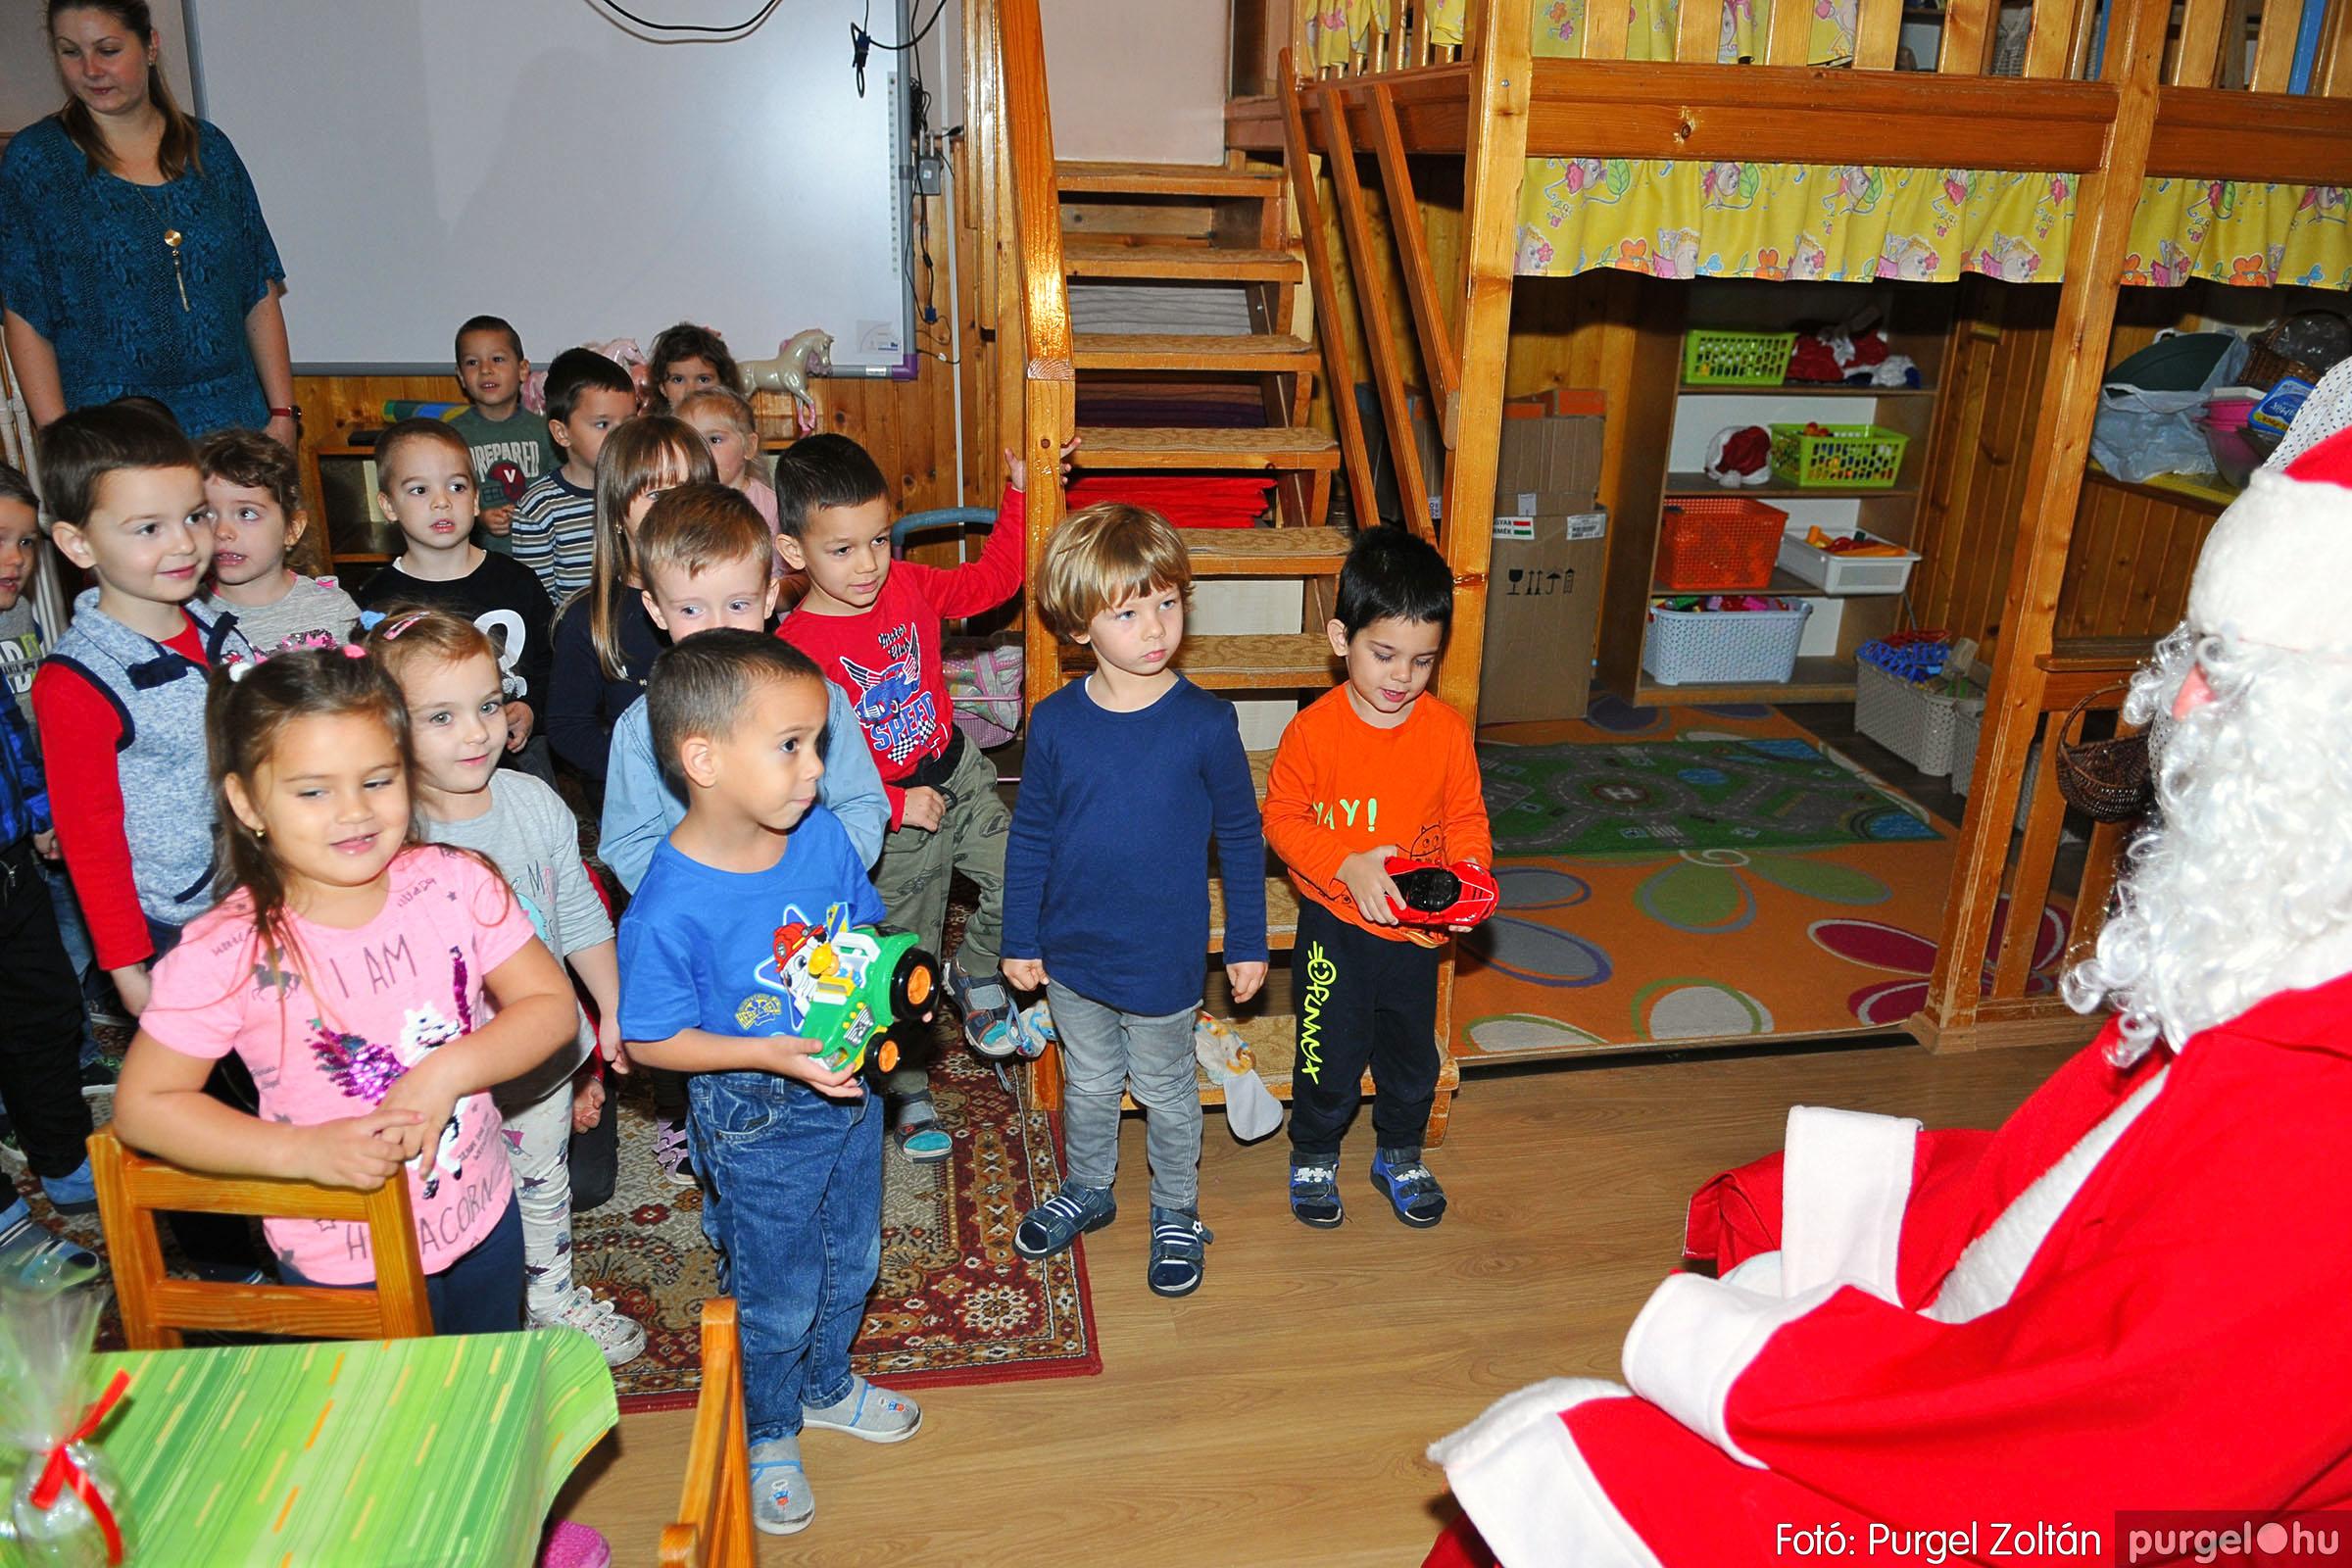 2019.12.06. 100 Mikulás körkép 2019. Kurca-parti Óvoda, Kisvakond csoport - Fotó:PURGEL ZOLTÁN© D3K_3004q.jpg